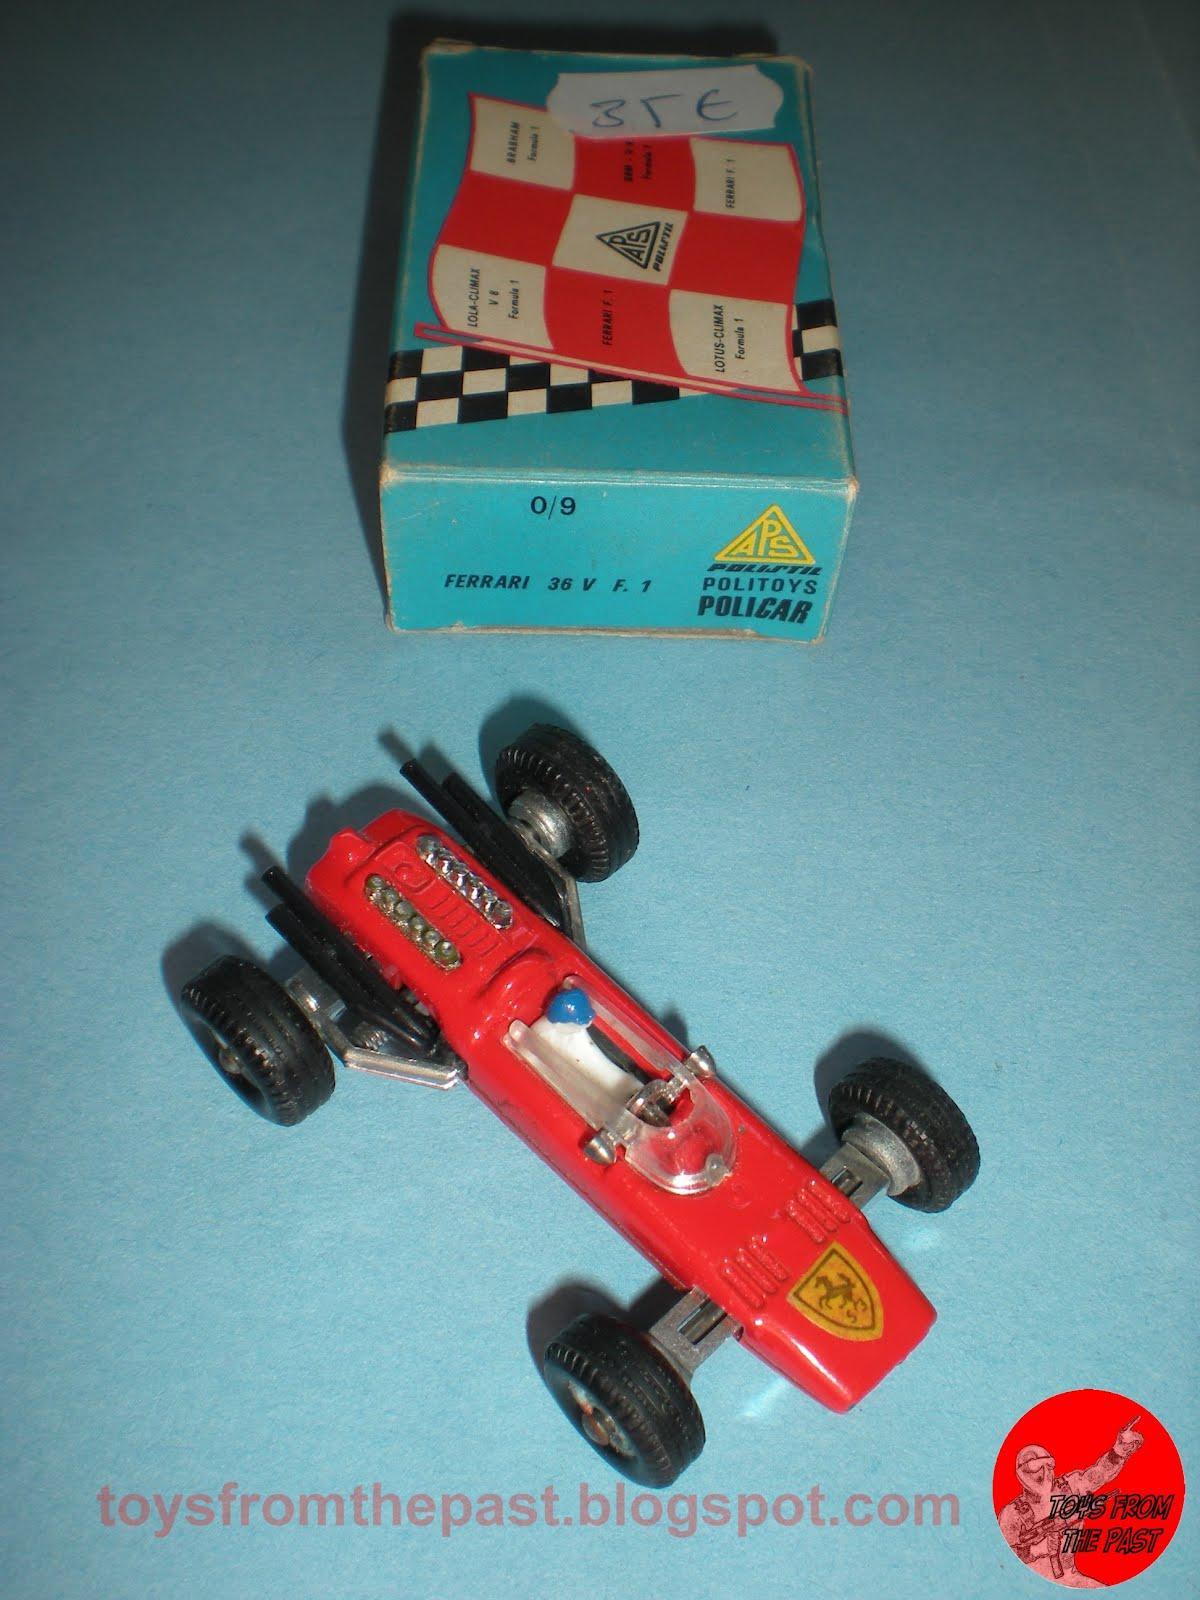 Penny 0/9 CFerrari 36 V F1 (cc-by-nc-nd 3.0 toysfromthepast)